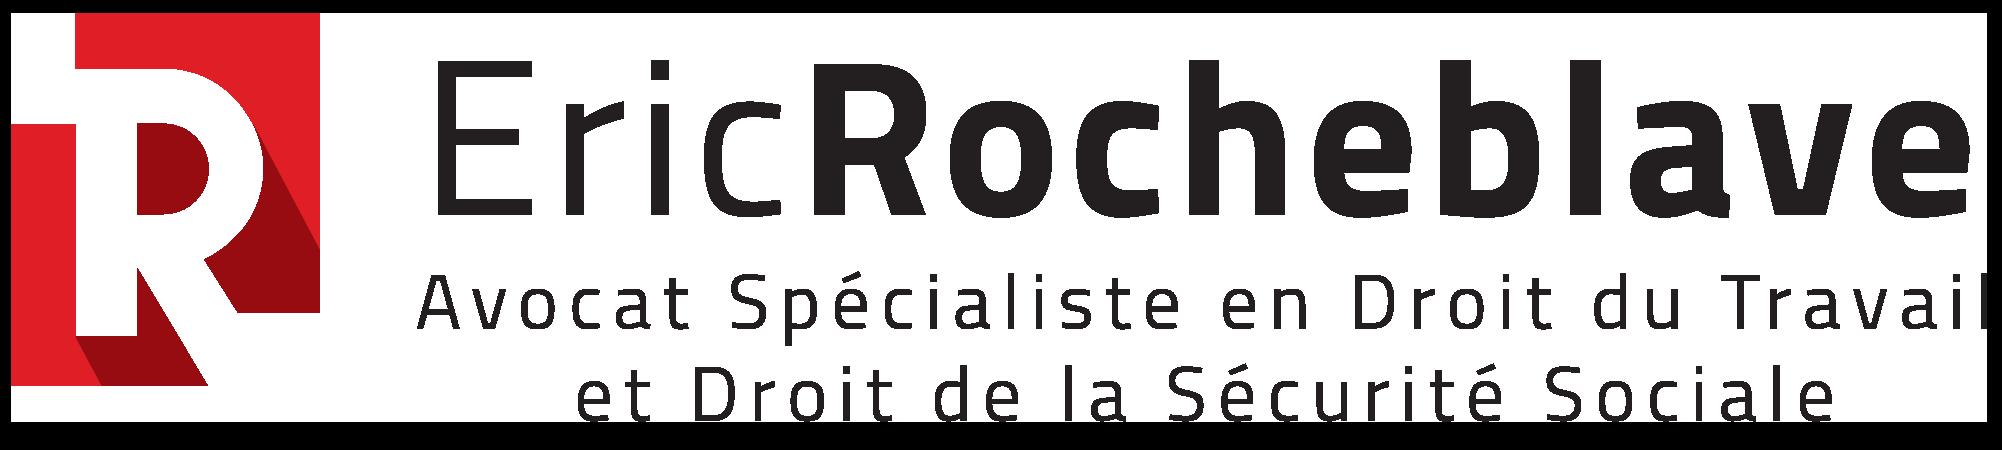 Des mises en demeure adressées en 2014 et 2015 par l'URSSAF Île-de-France sont jugées nulles